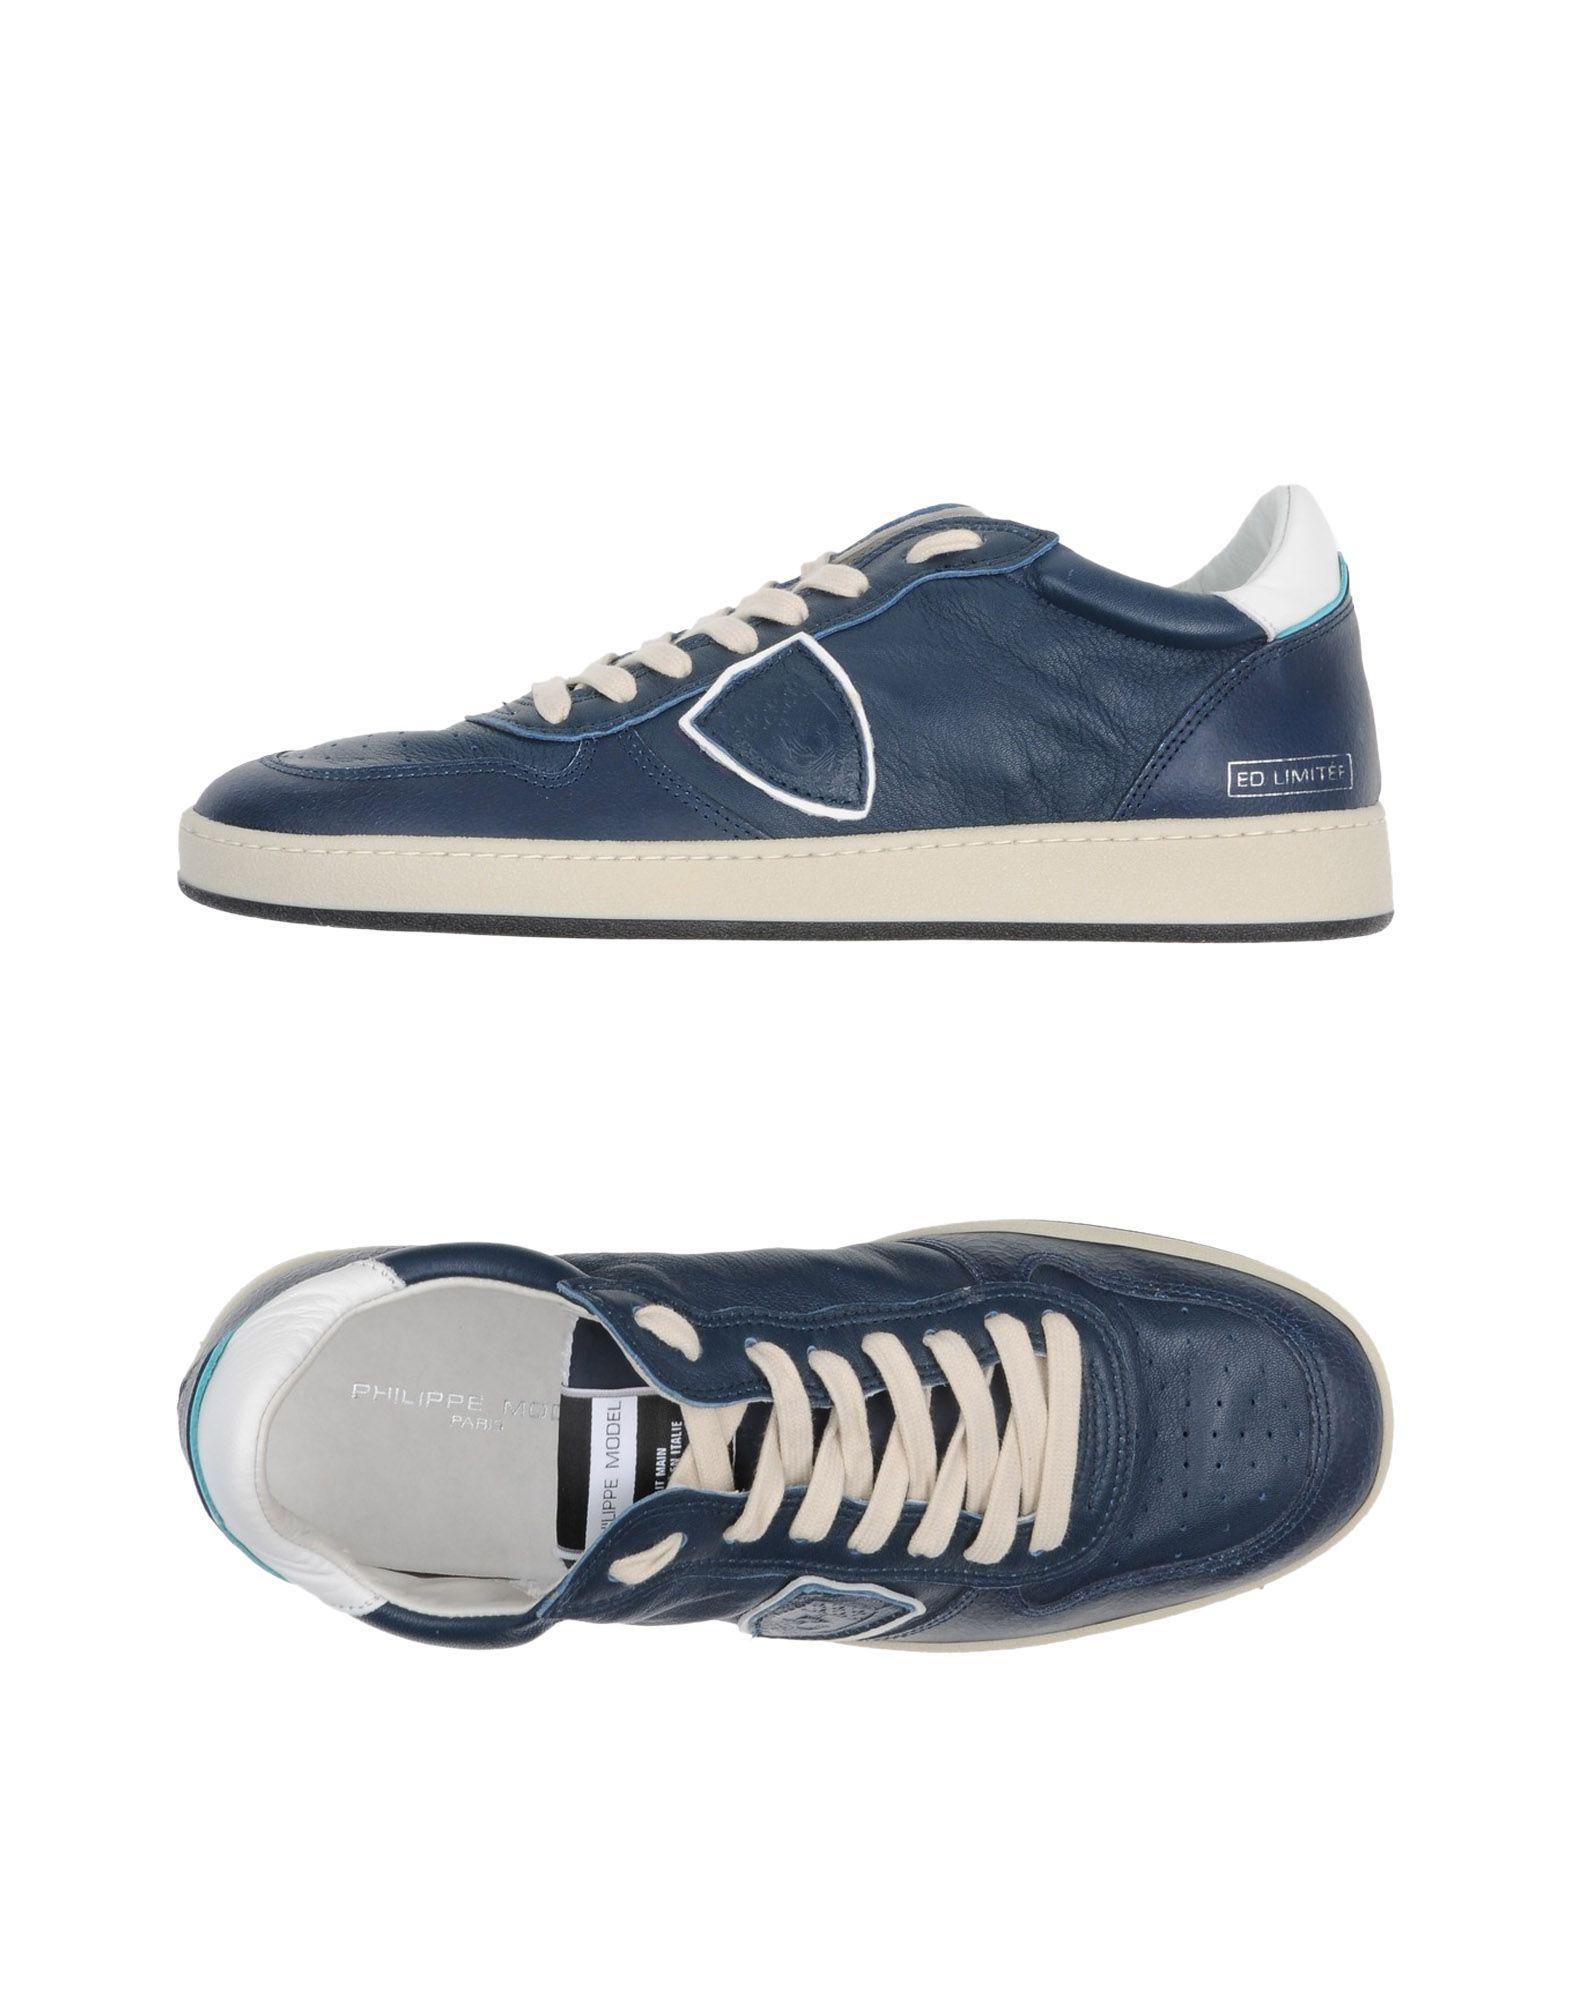 Rabatt echte Schuhe Philippe Model Sneakers Herren  11221858IL